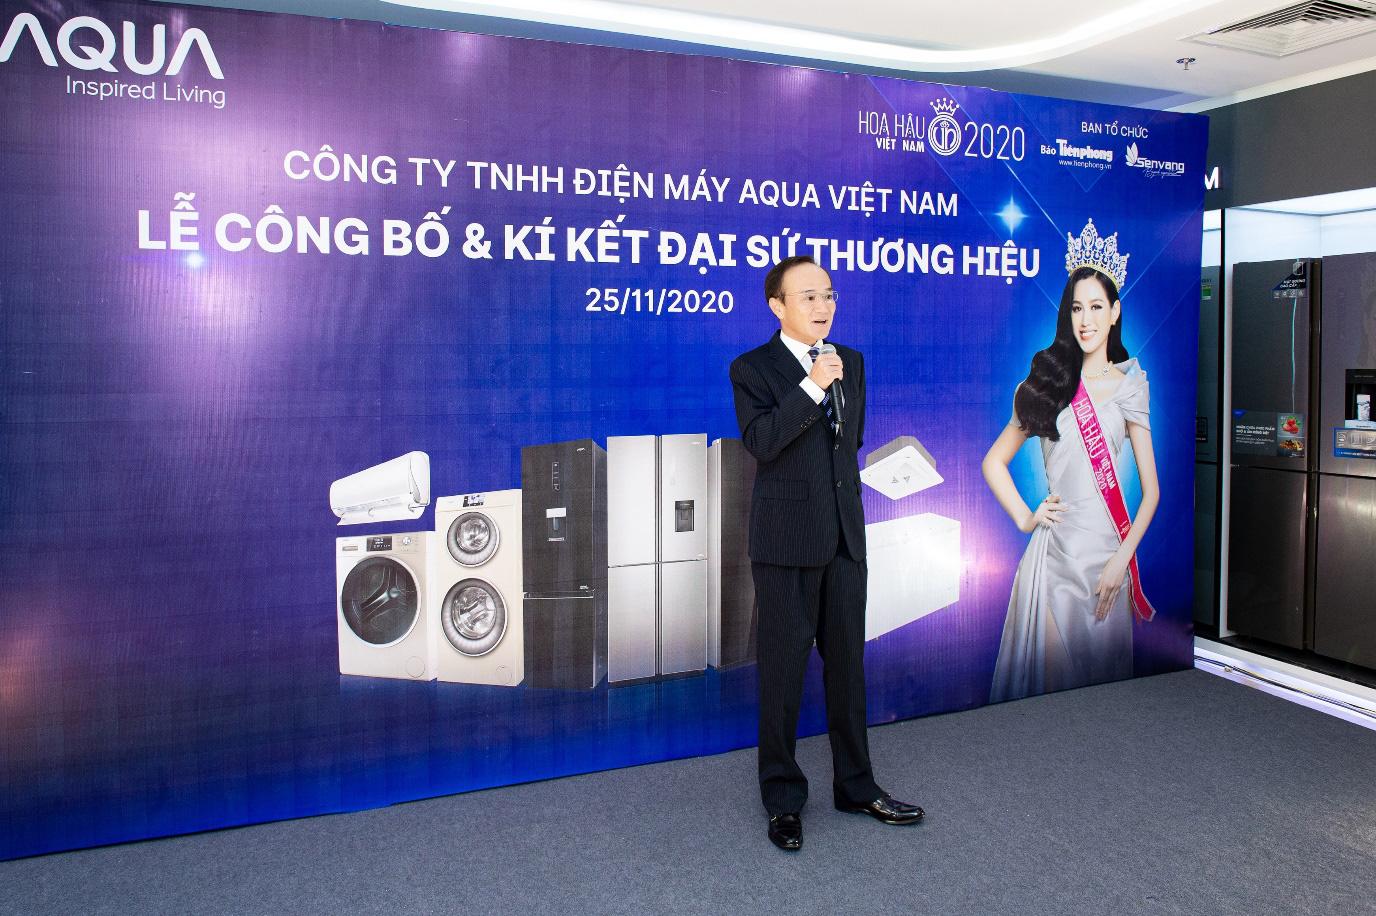 AQUA Việt Nam công bố Đỗ Thị Hà - Hoa hậu Việt Nam 2020 là đại sứ thương hiệu năm 2021 - Ảnh 2.